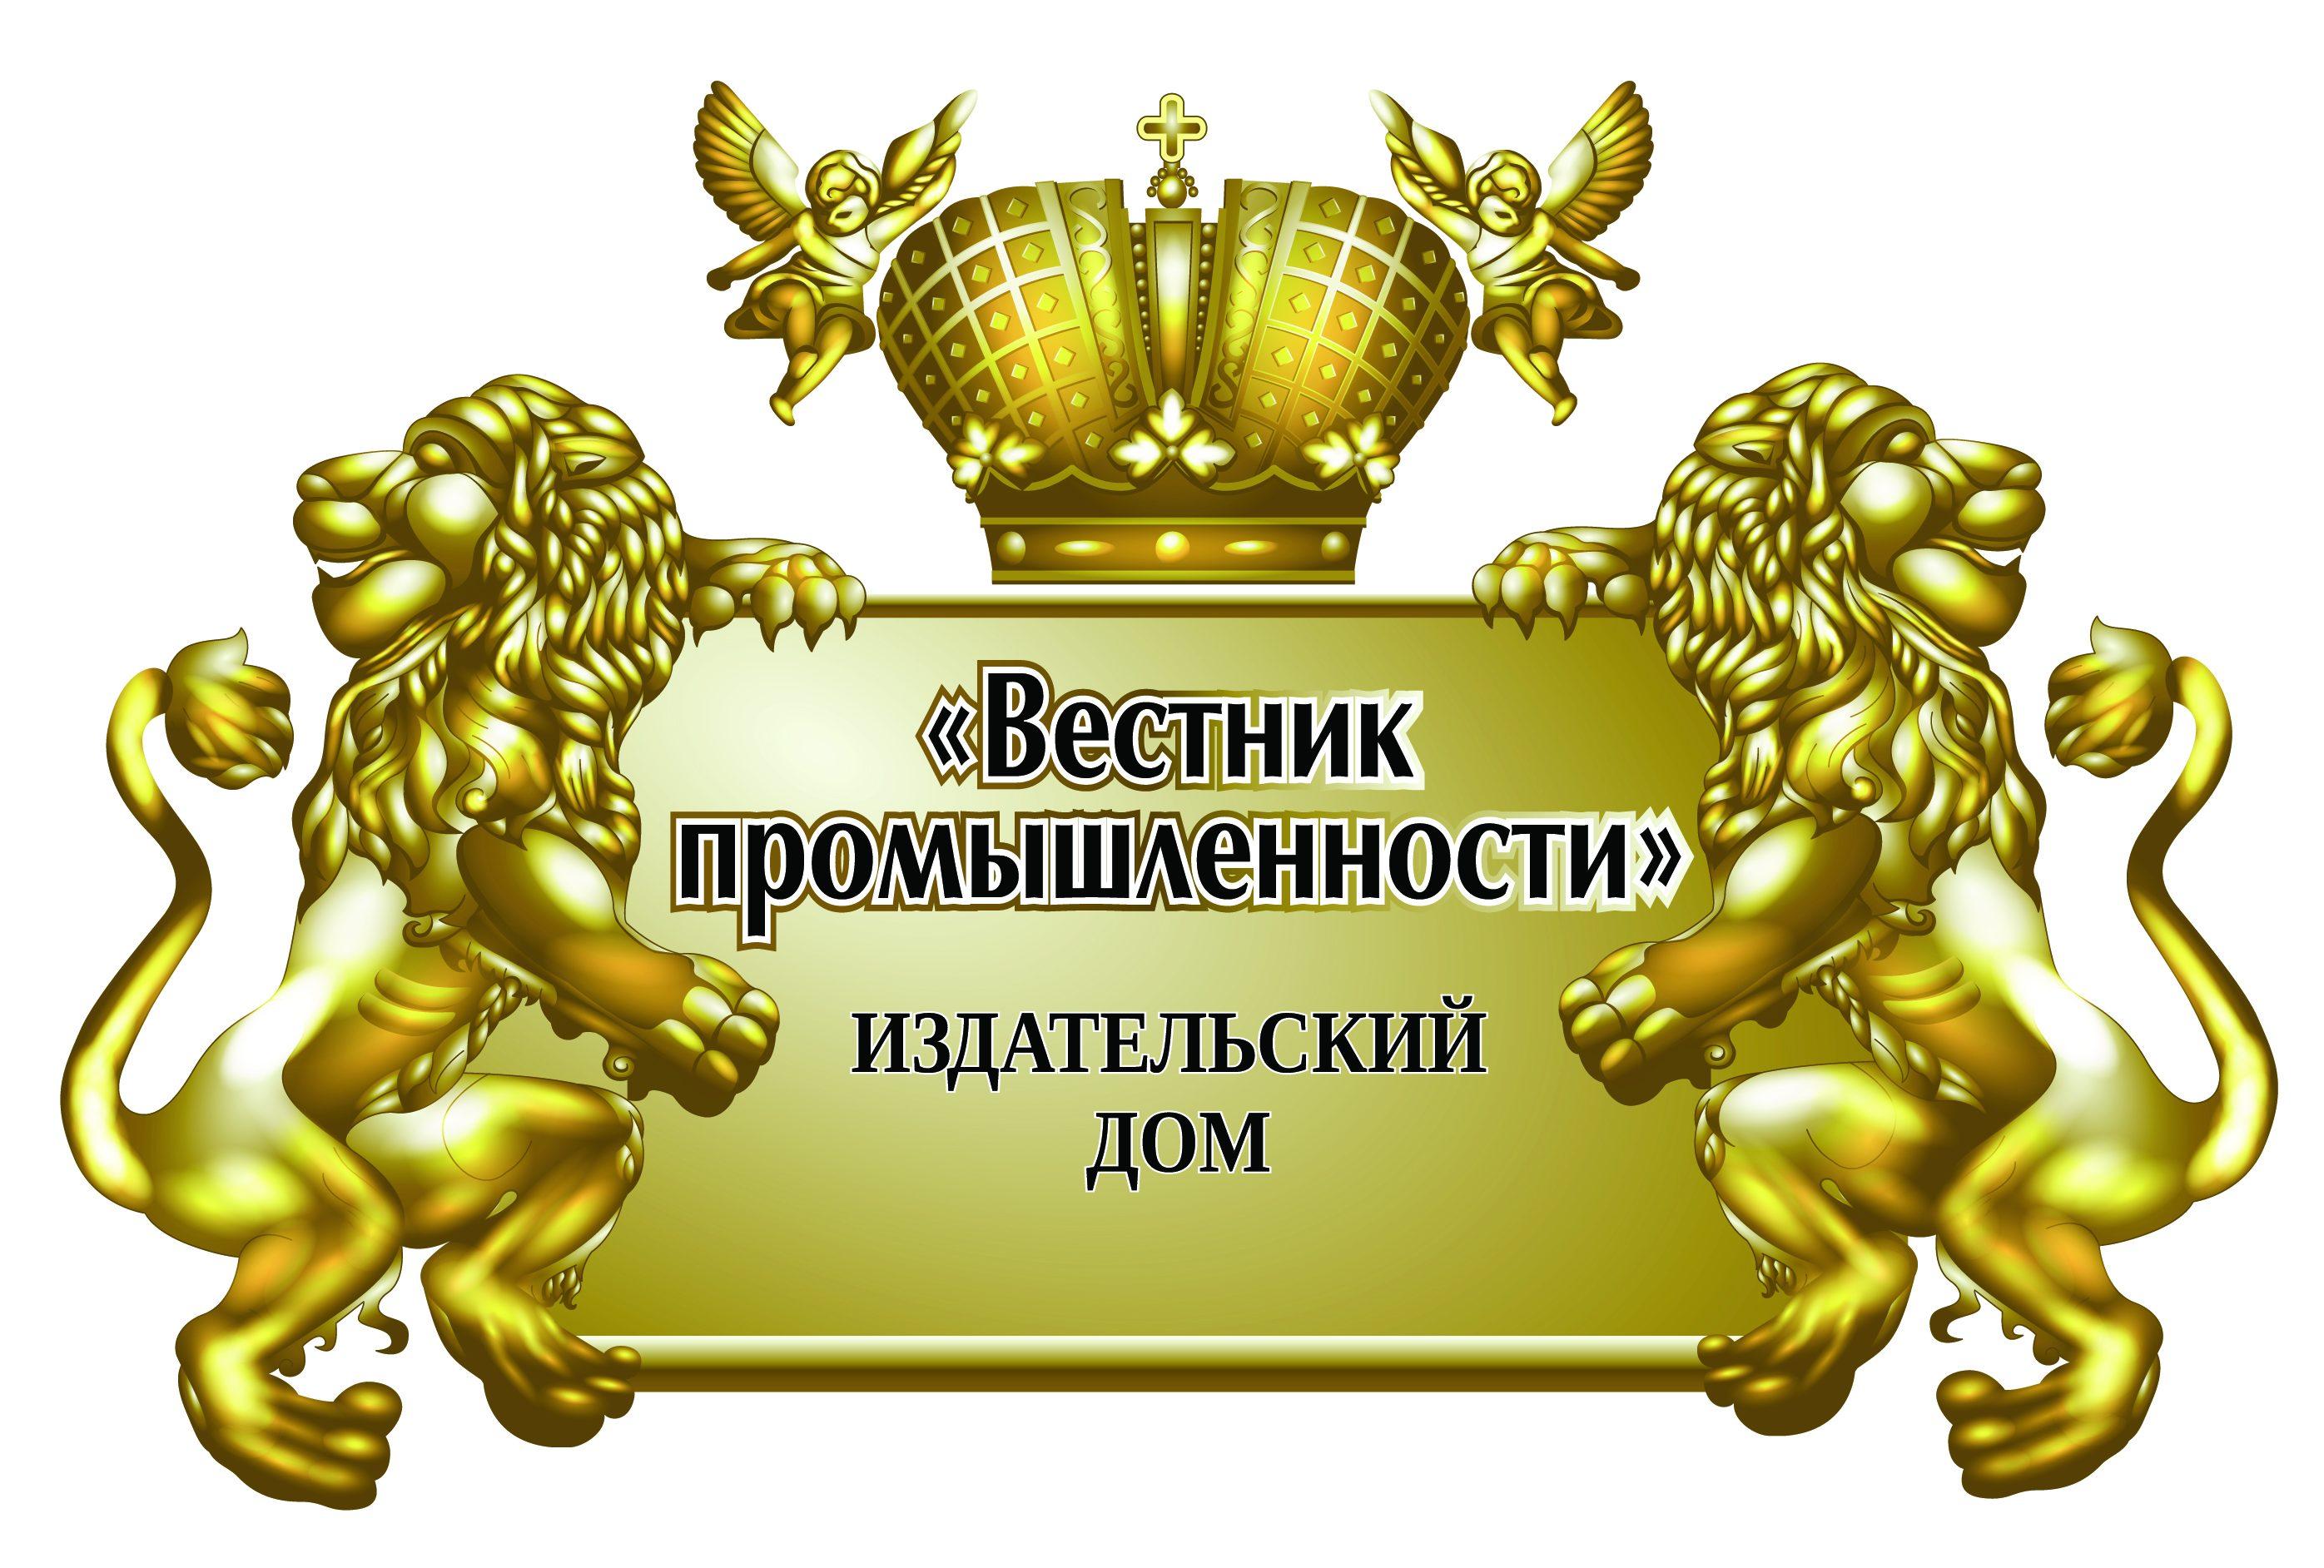 cropped-logo_izdat-dom.jpg